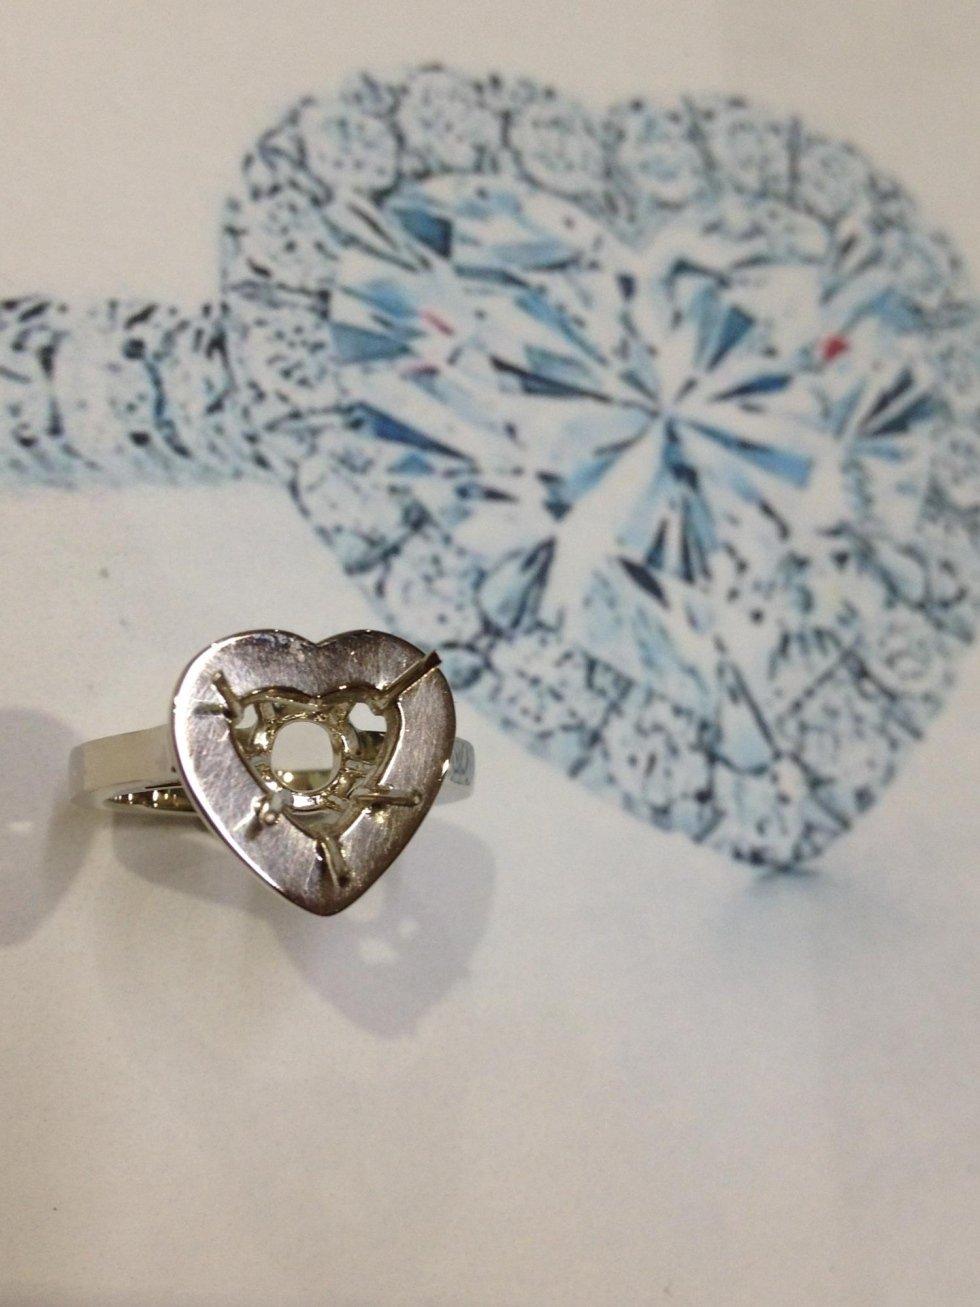 Anelli con diamanti per fidanzamento